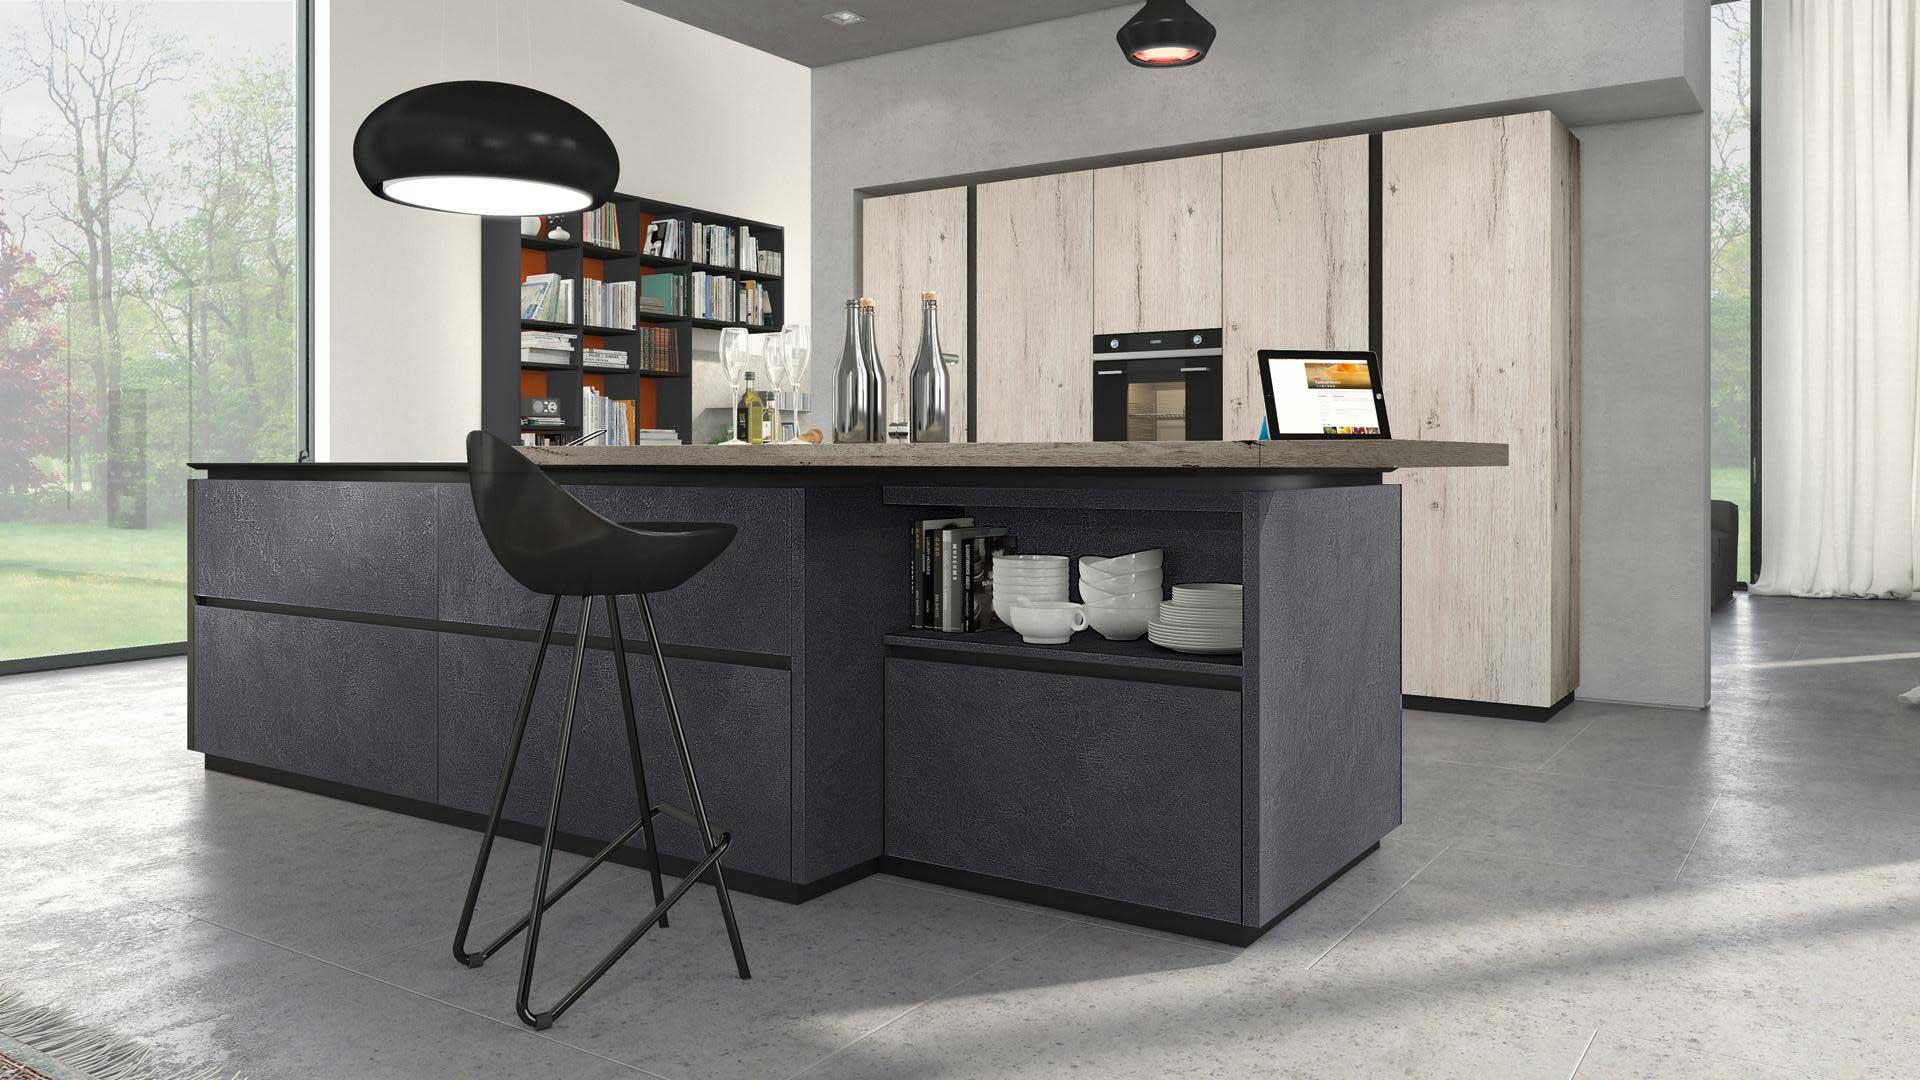 Lube cucina oltre design materico for Cucina oltre lube